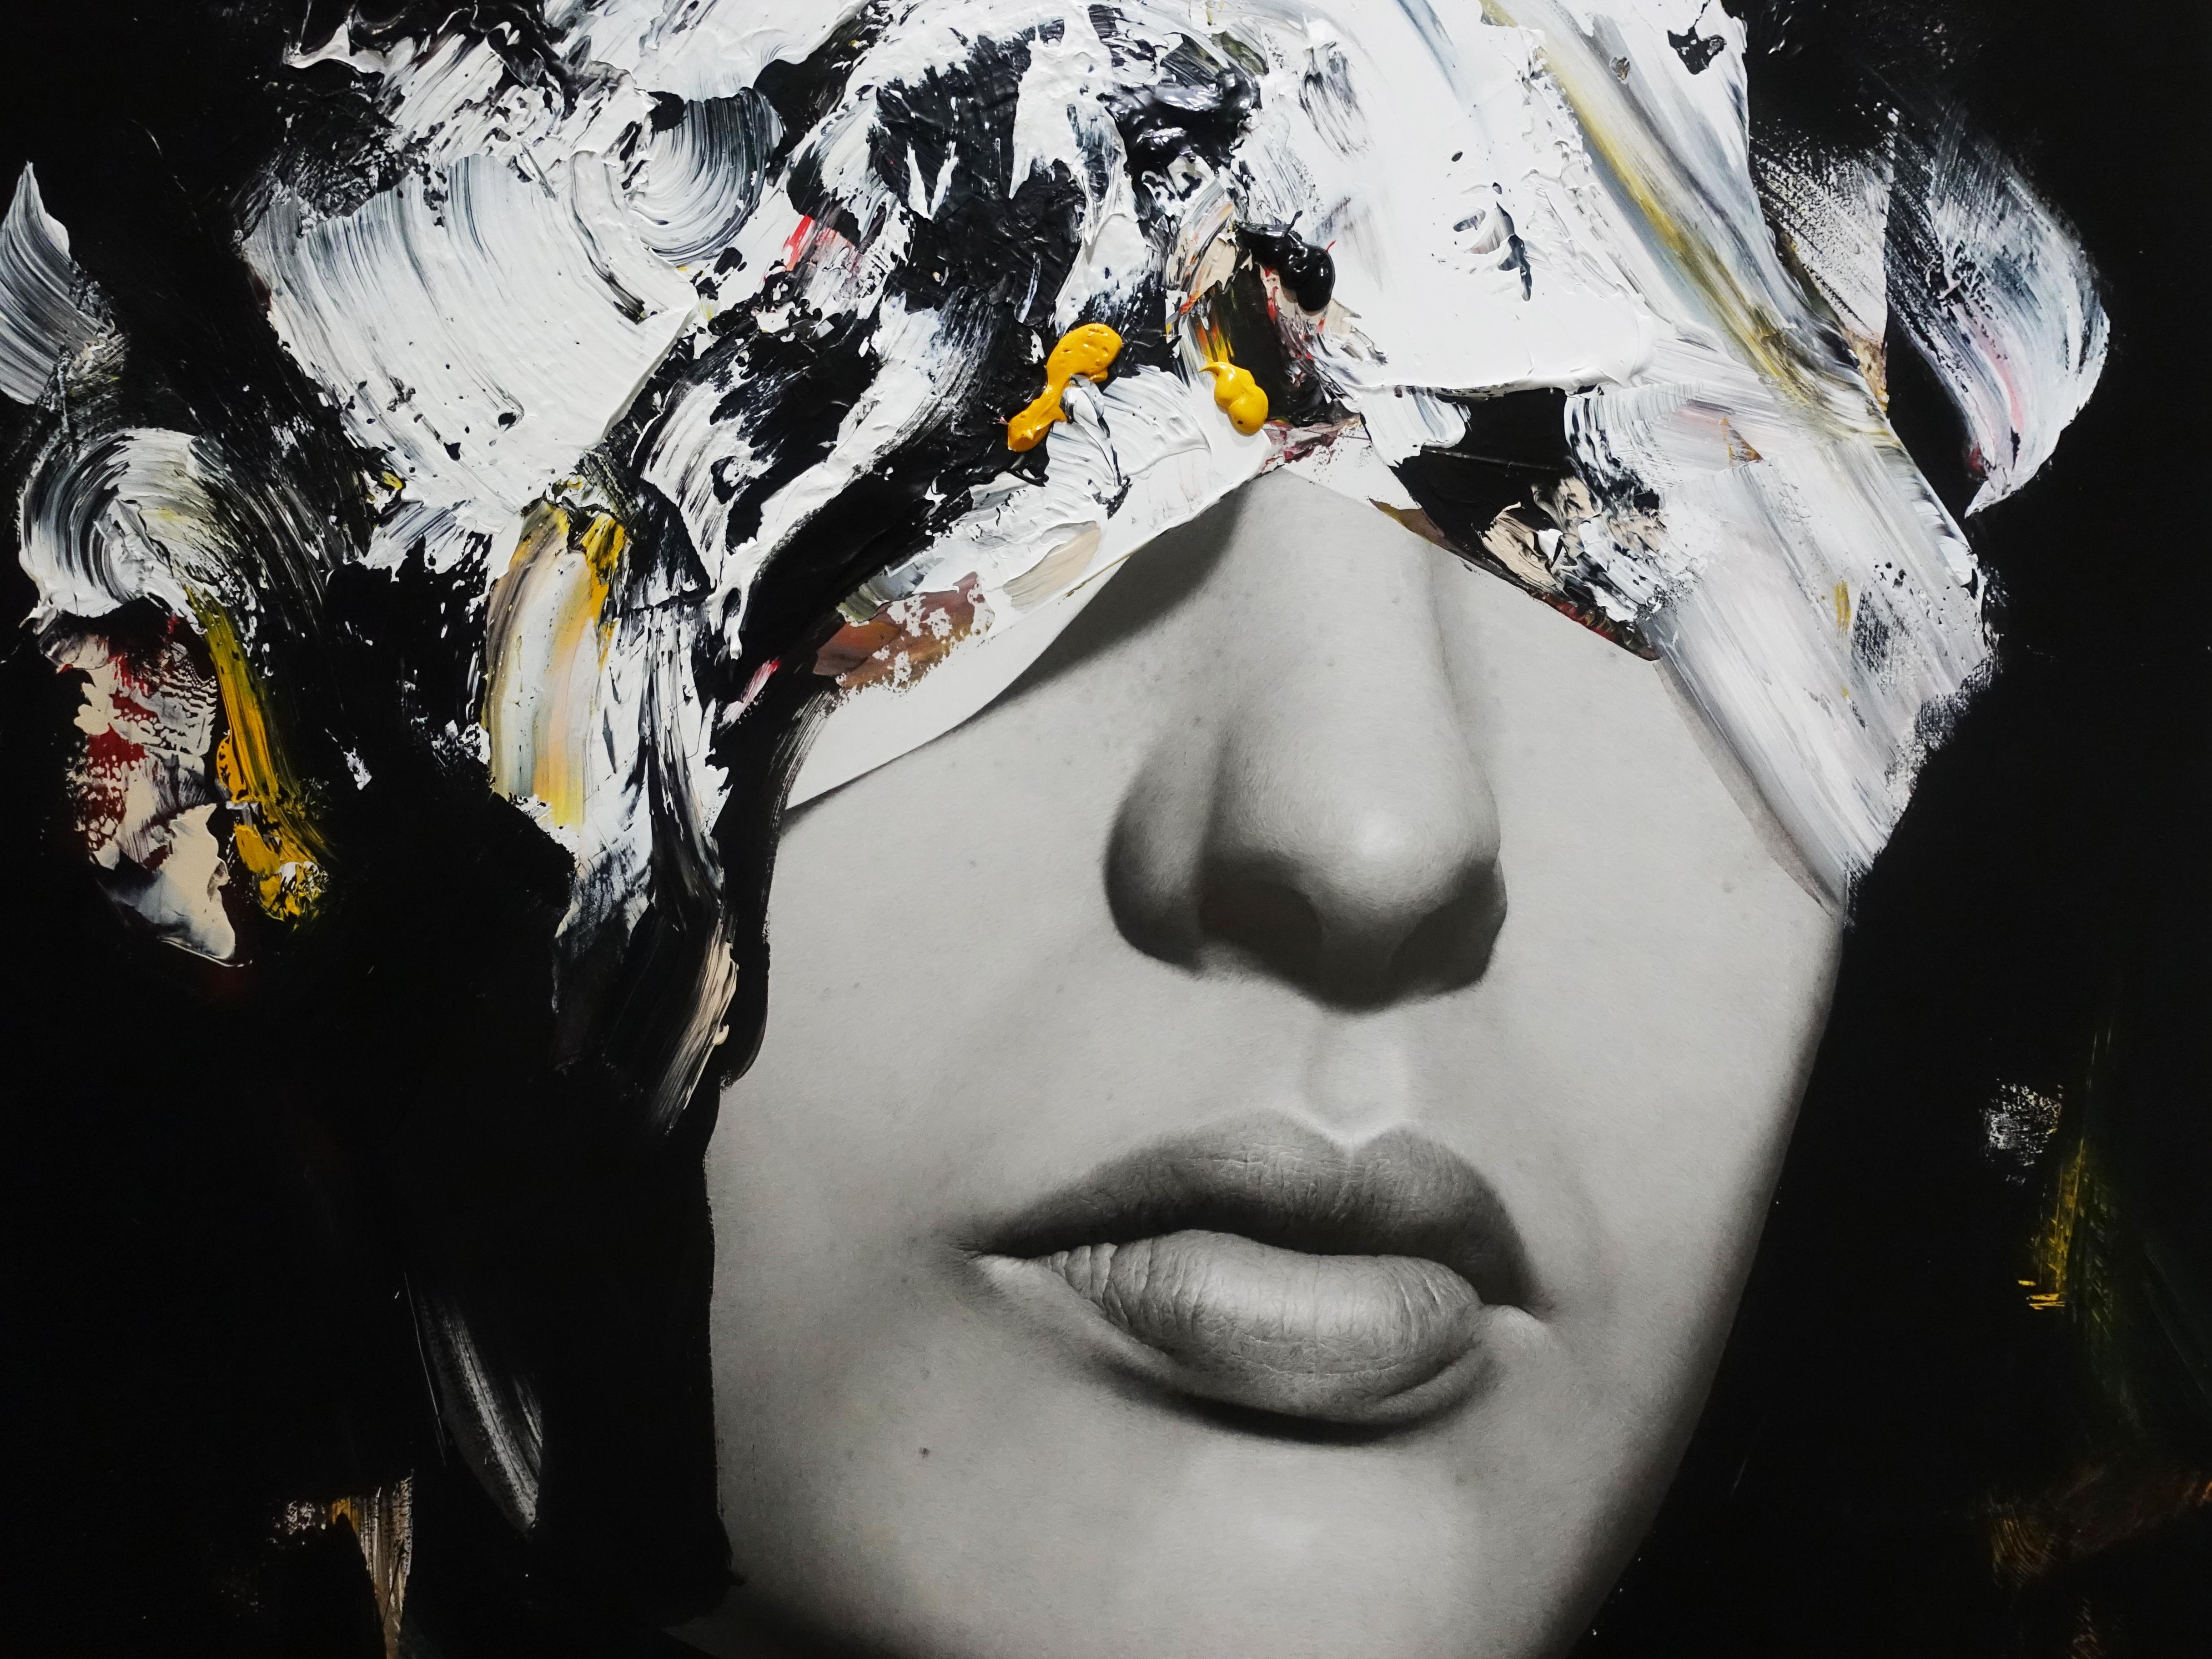 佐藤誠高,《VIP2》細節,130 x 97 cm,鉛筆、壓克力、紙、木板,2019。